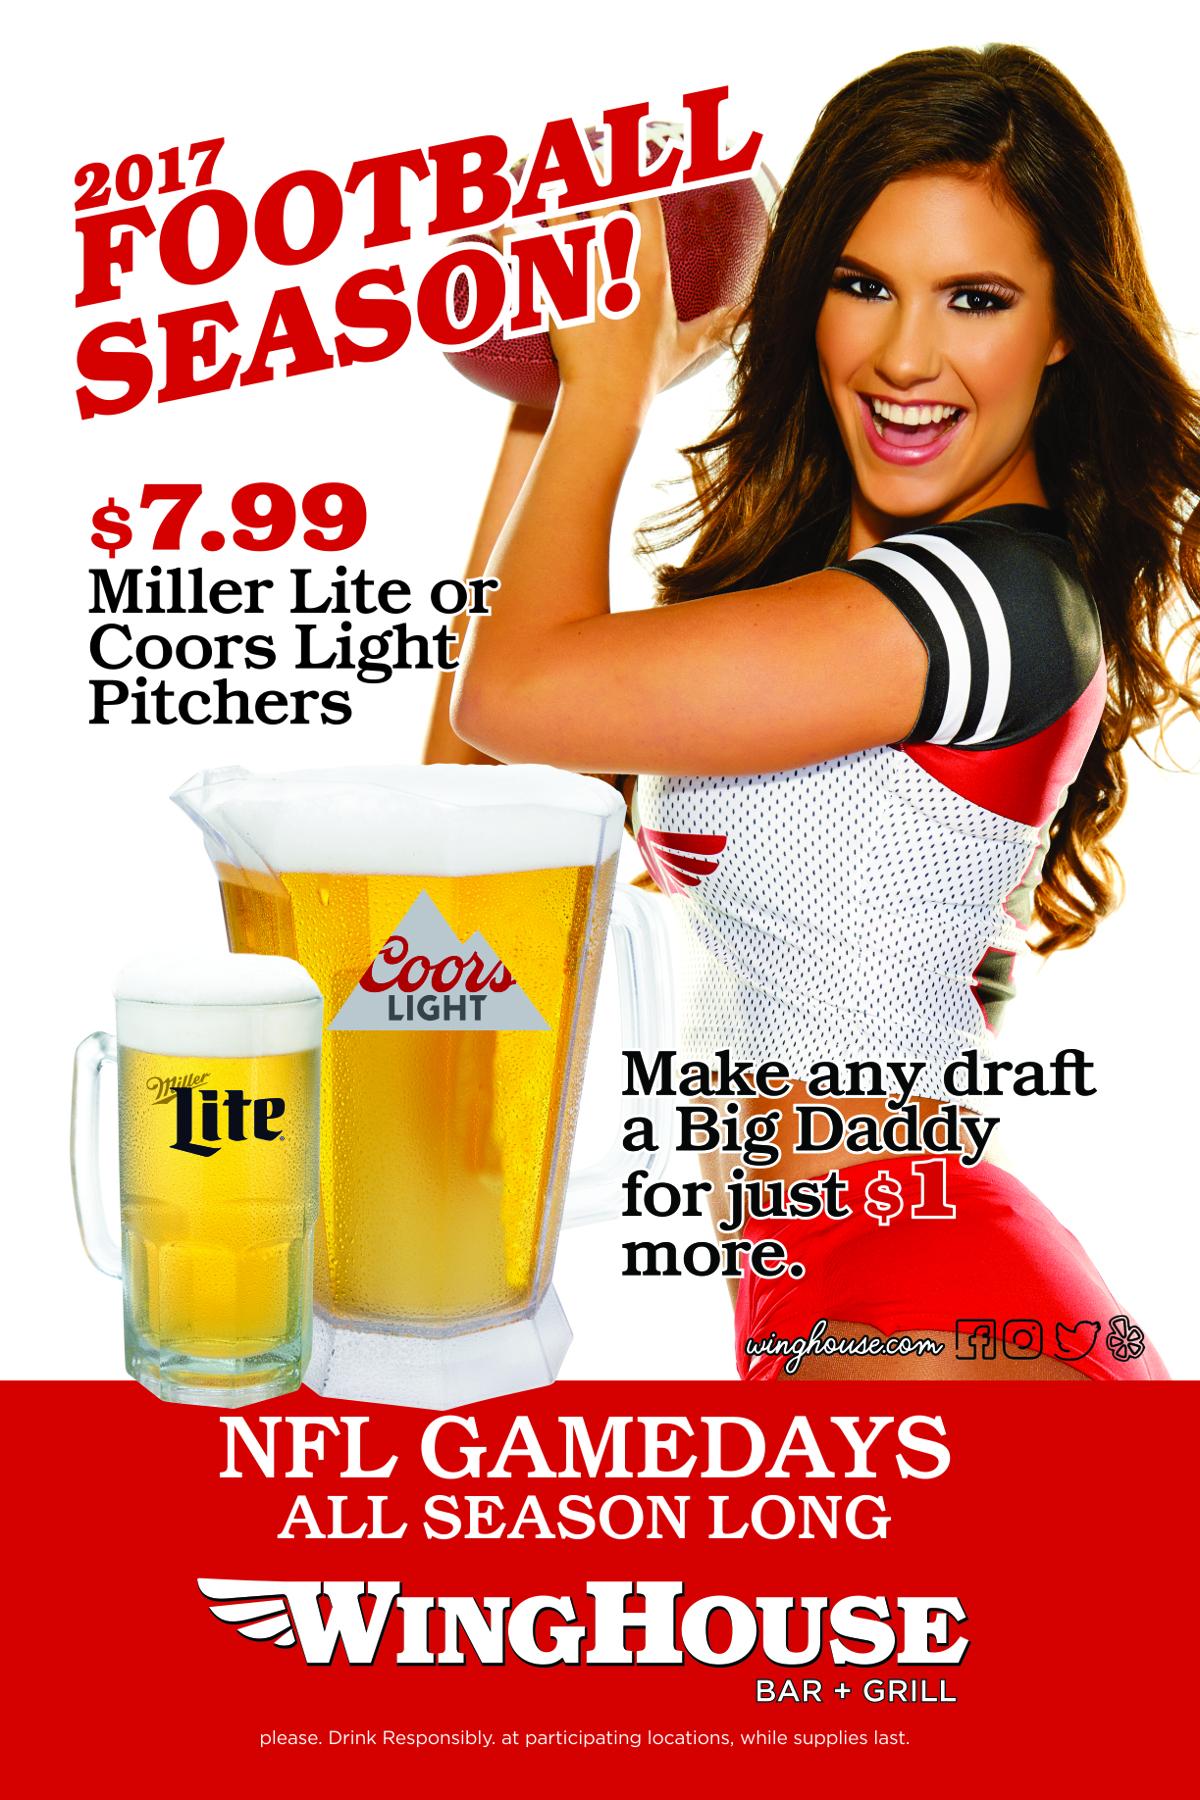 Kickoff The NFL Season At WingHouse